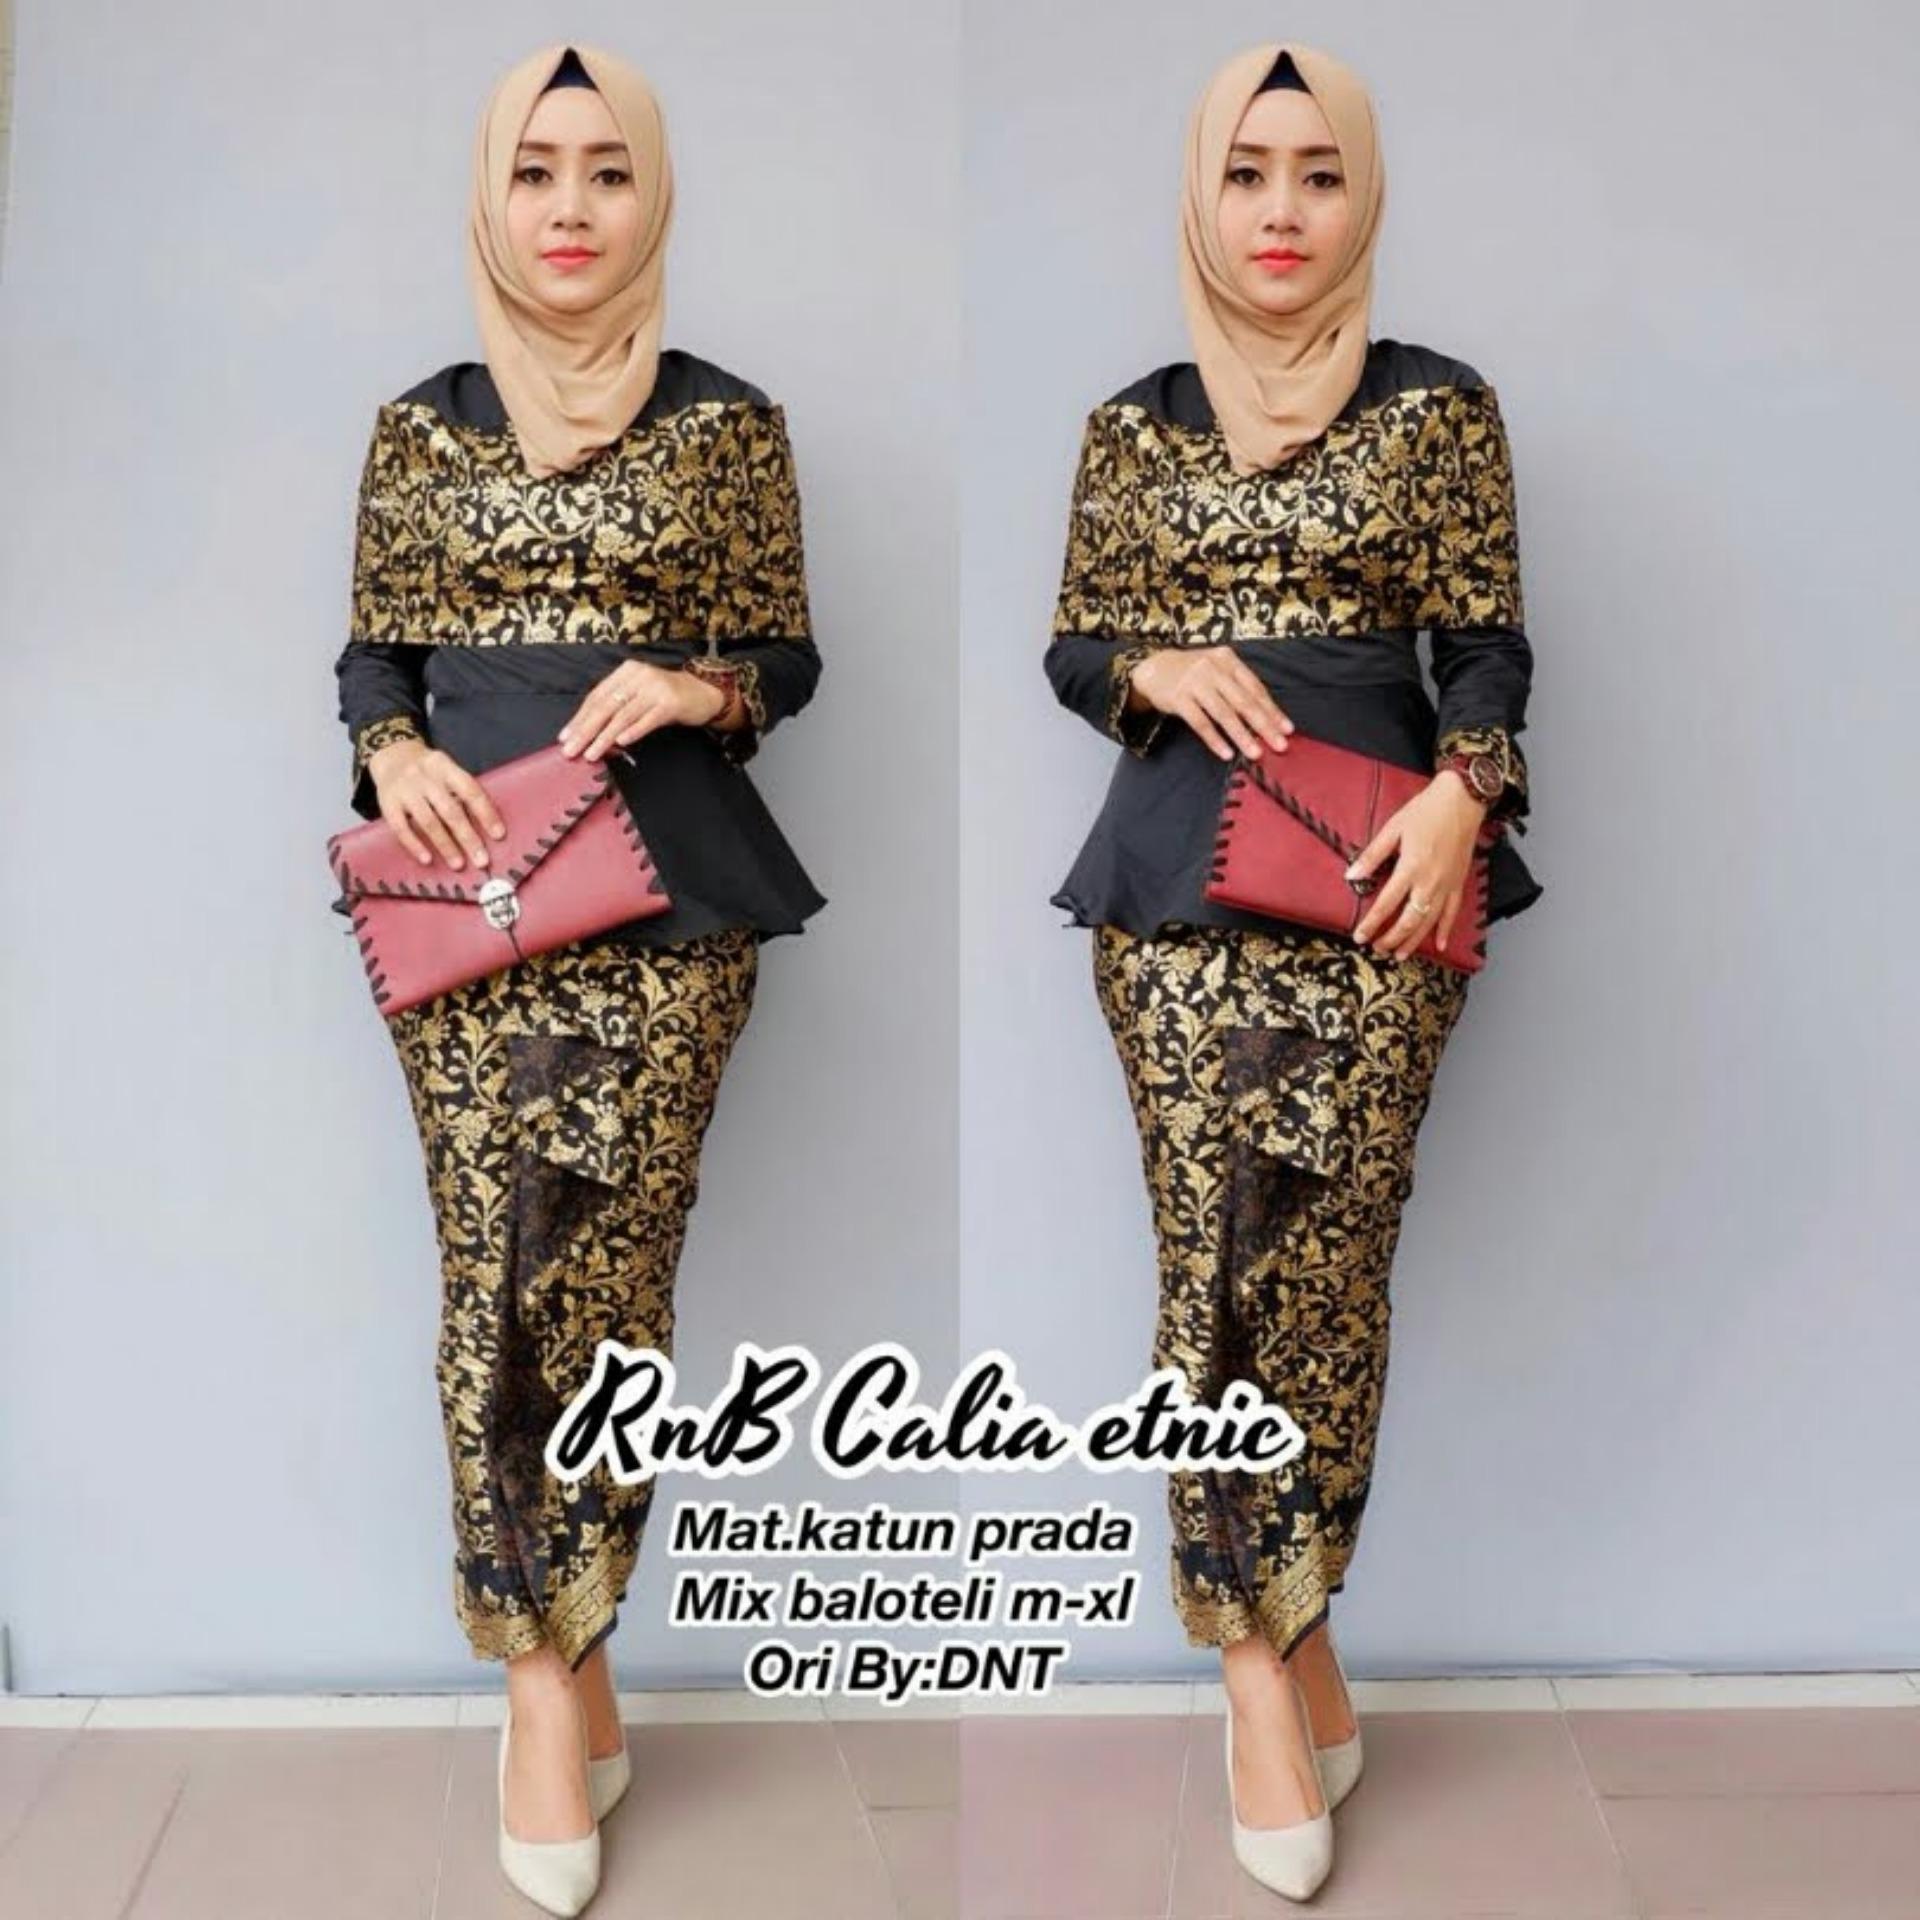 Raggunan Store Setelan Kebaya Atasan dan Bawahan Kebaya Modern Baju Murah Batik Wanita Baju Wanita Batik